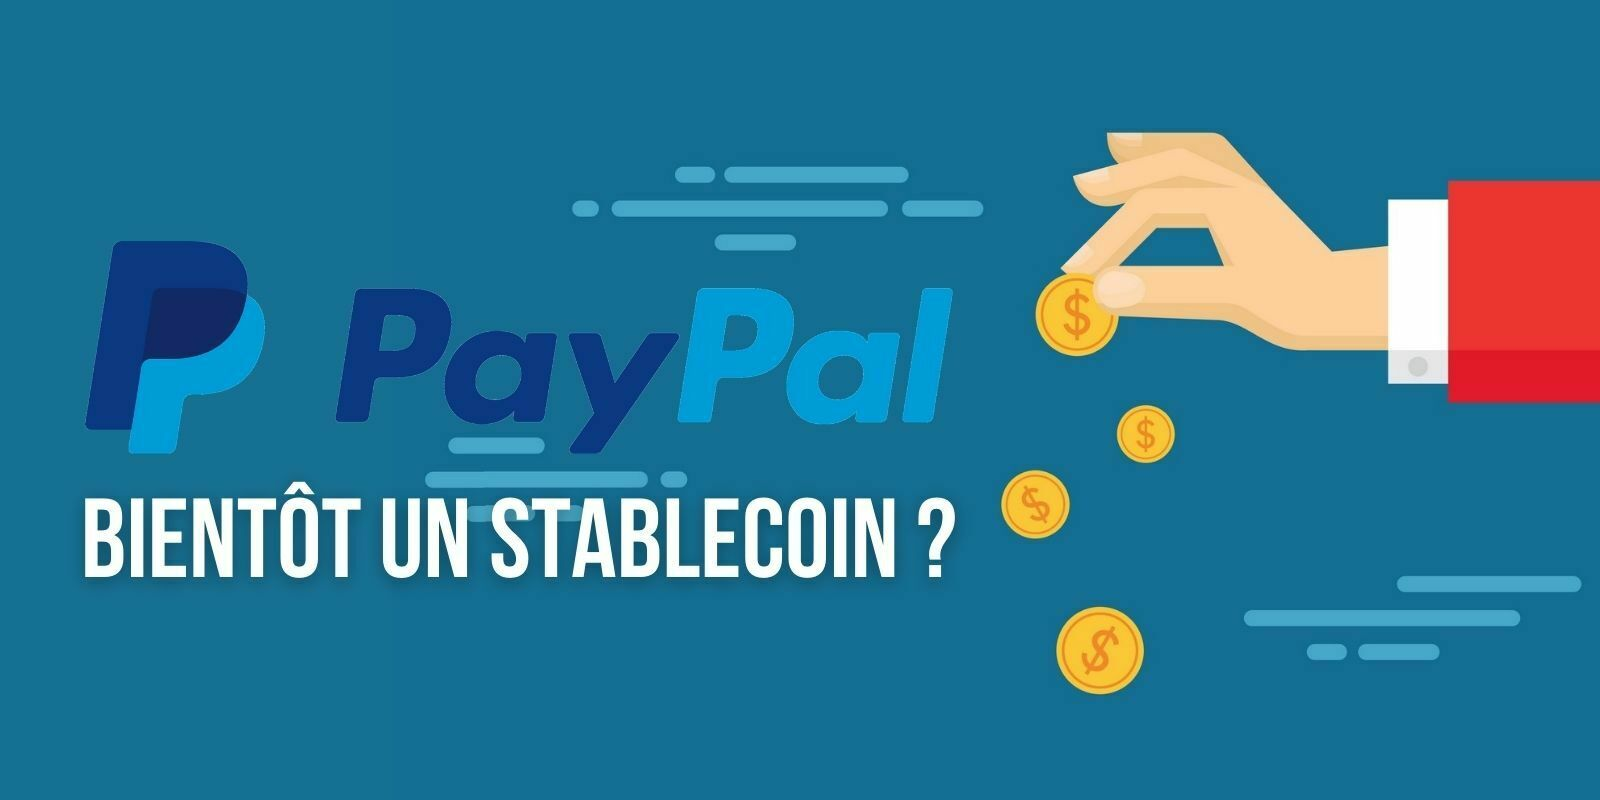 Le géant du paiement PayPal envisagerait de lancer un stablecoin